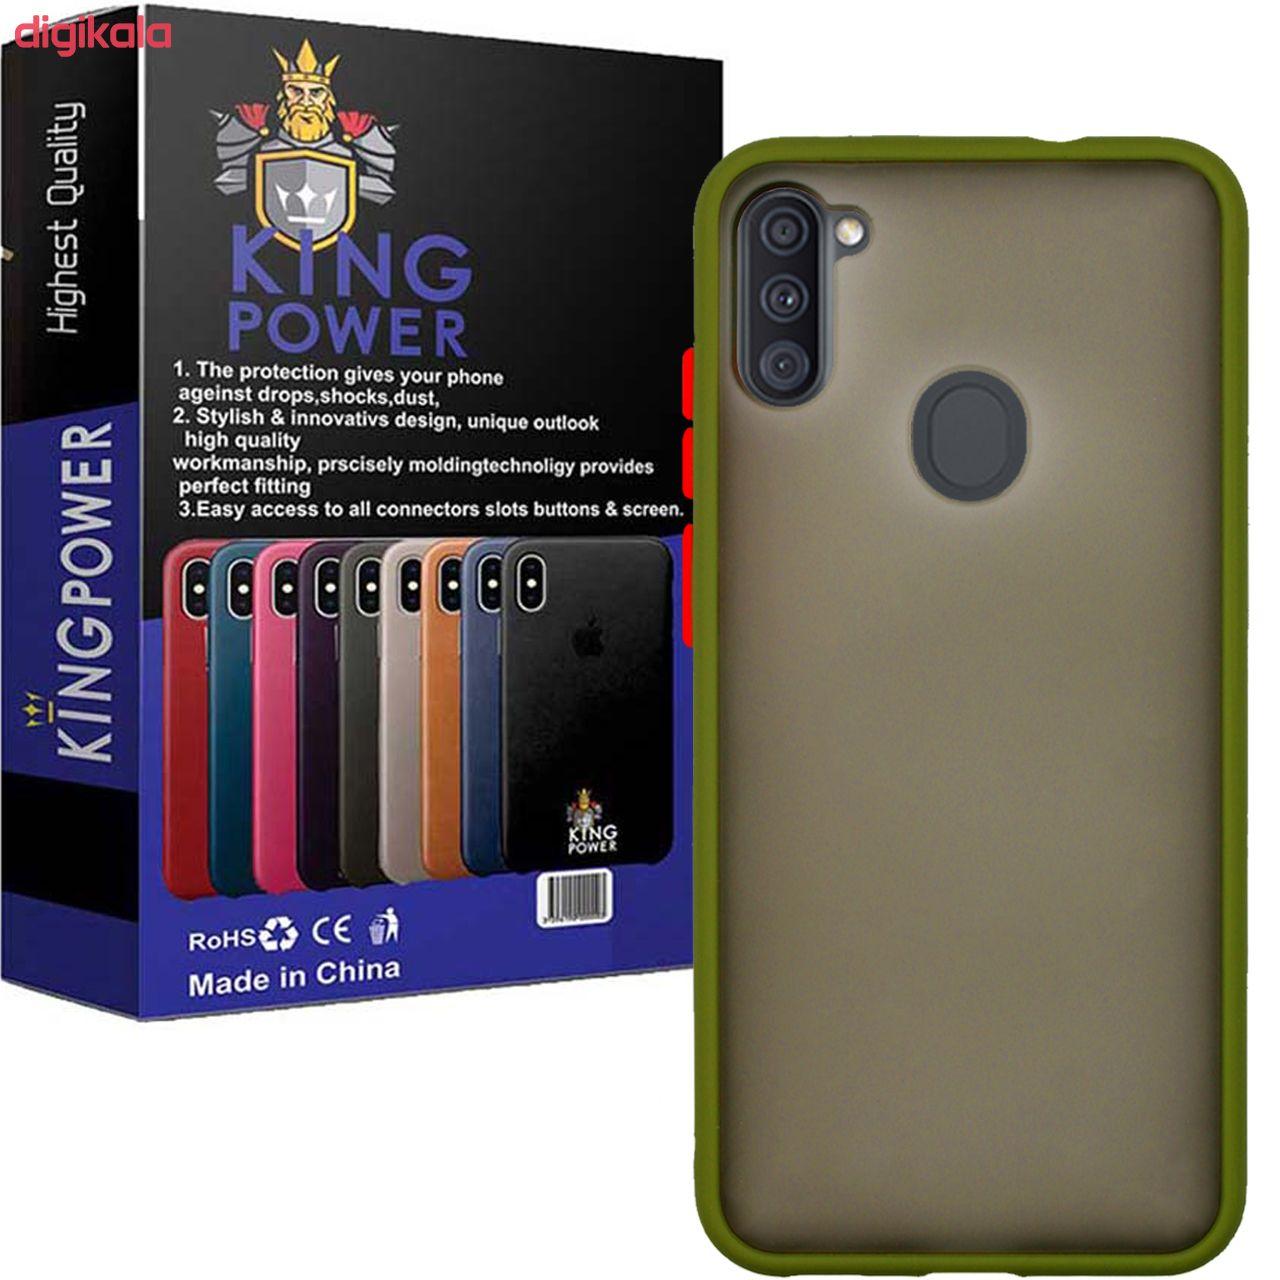 کاور کینگ پاور مدل M21 مناسب برای گوشی موبایل سامسونگ Galaxy A11 main 1 2